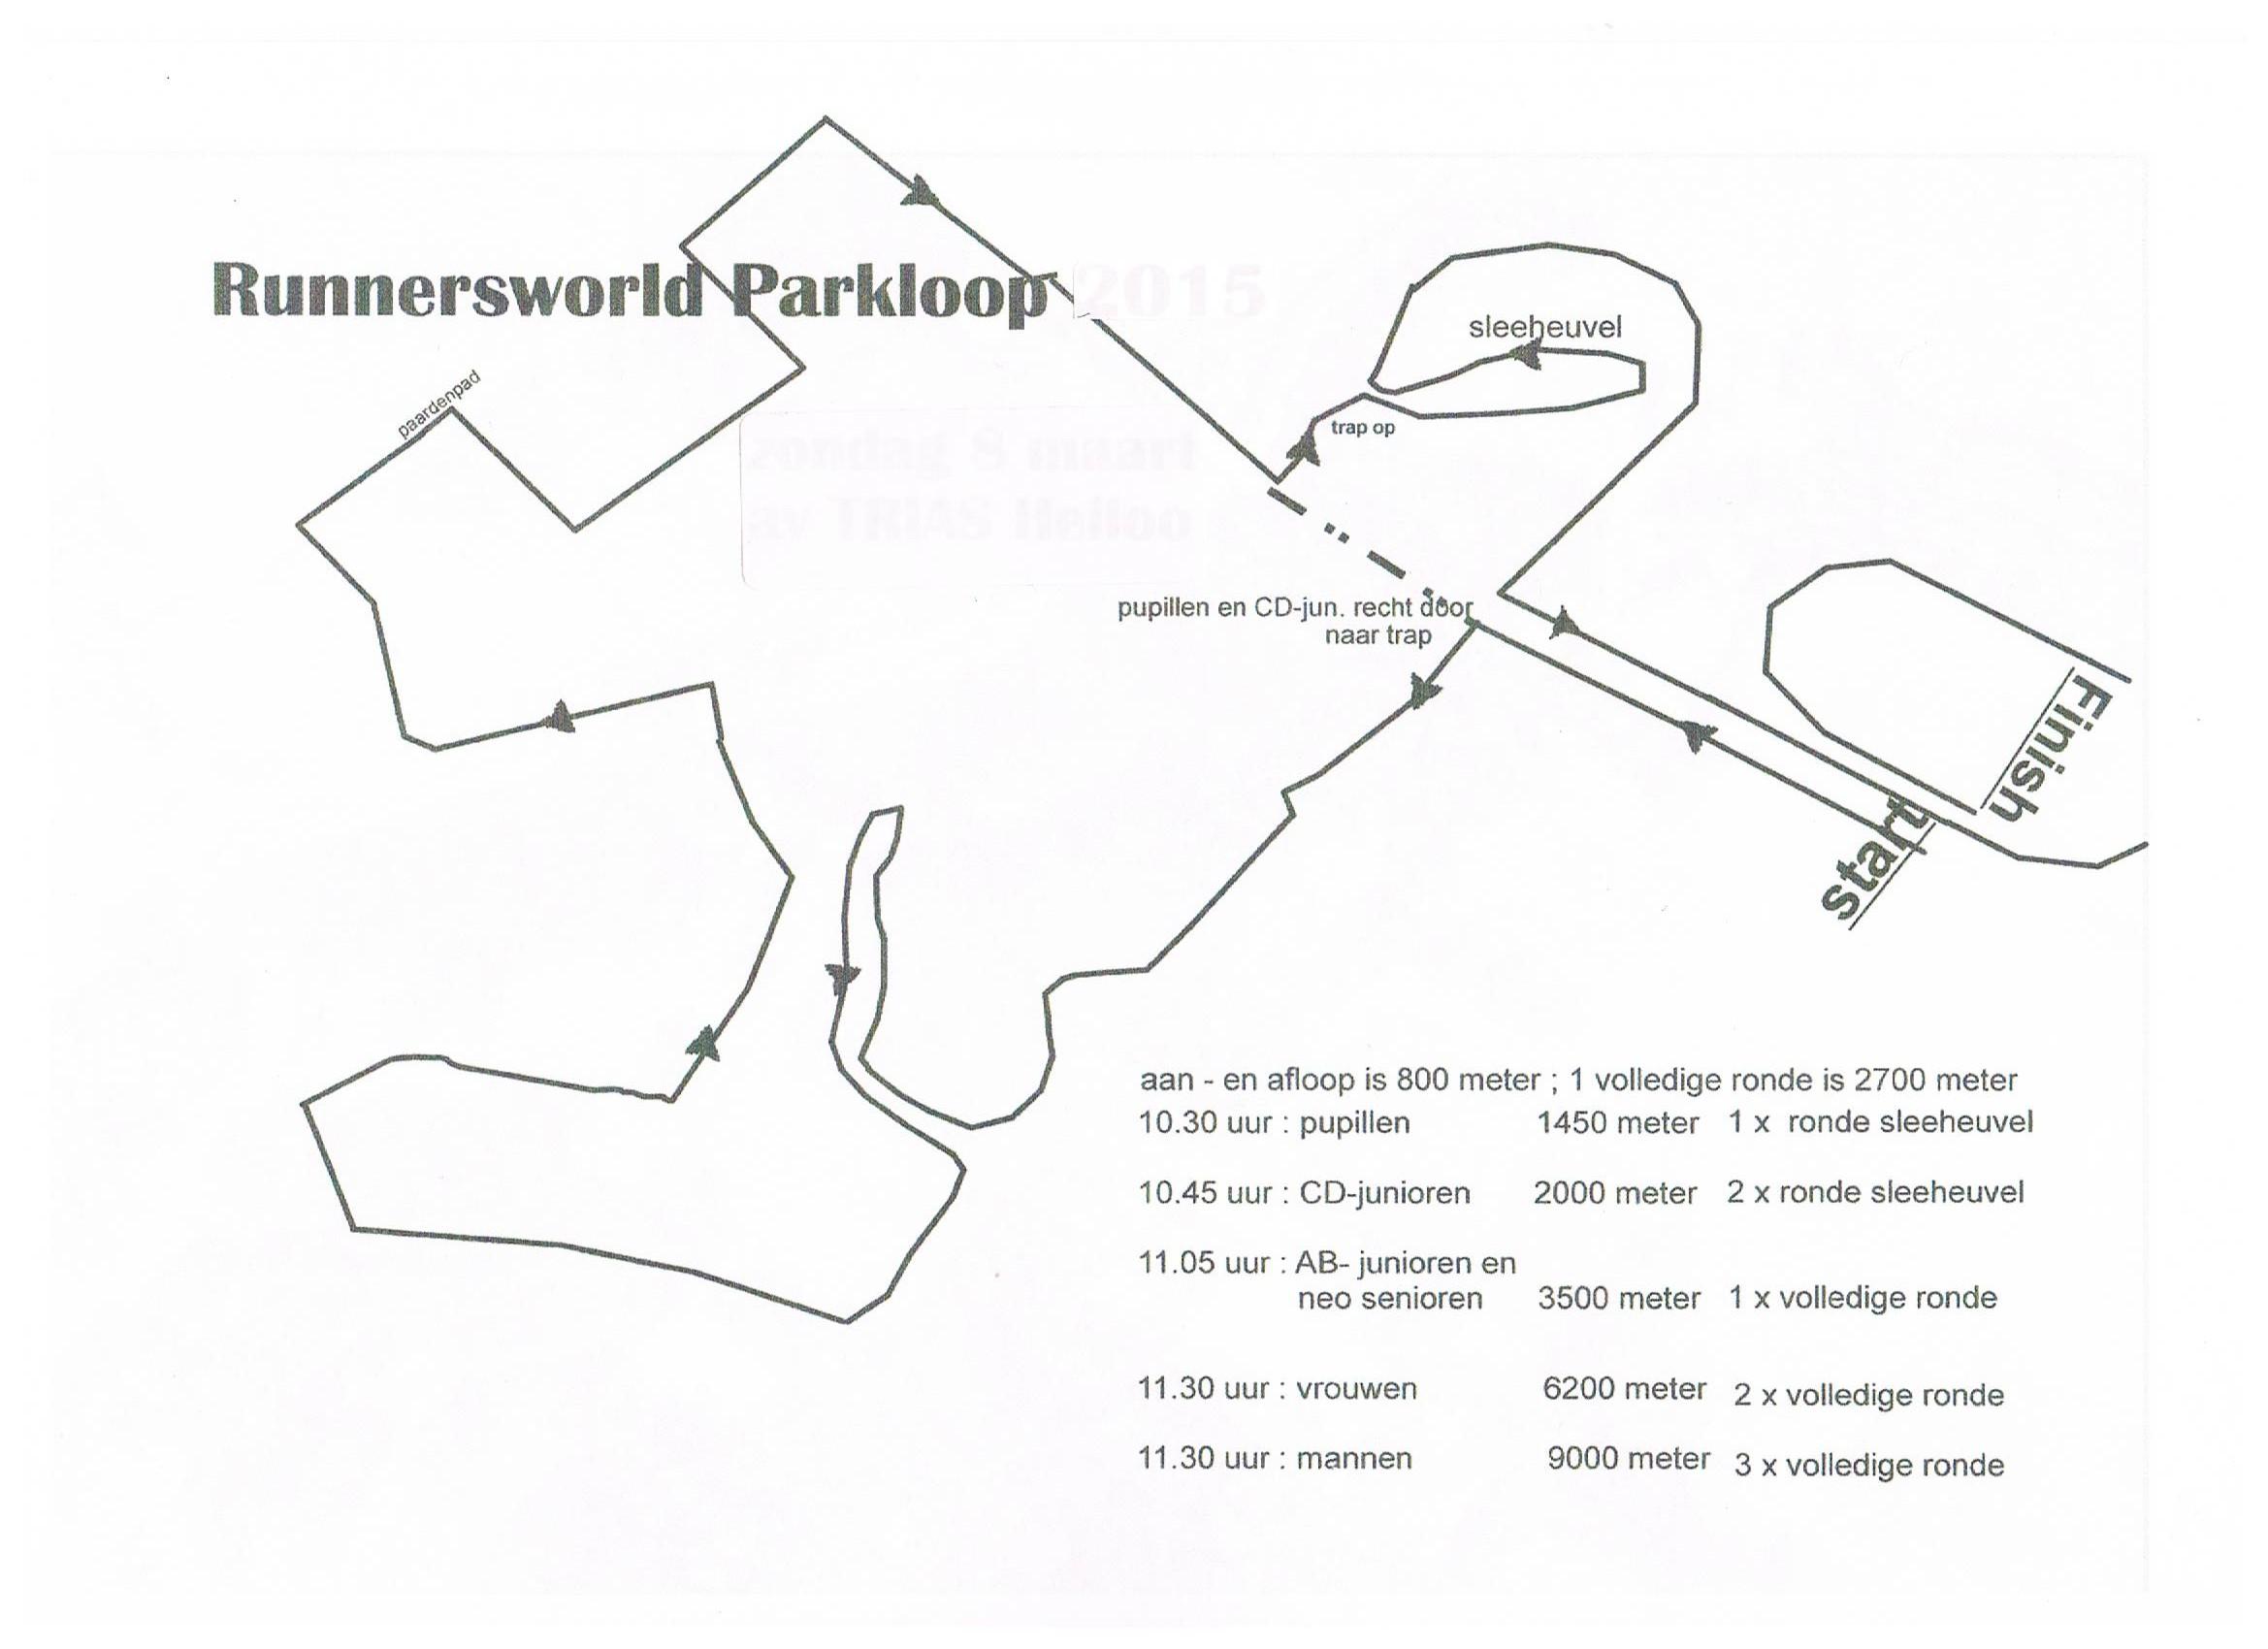 runnersworld parkloop 001